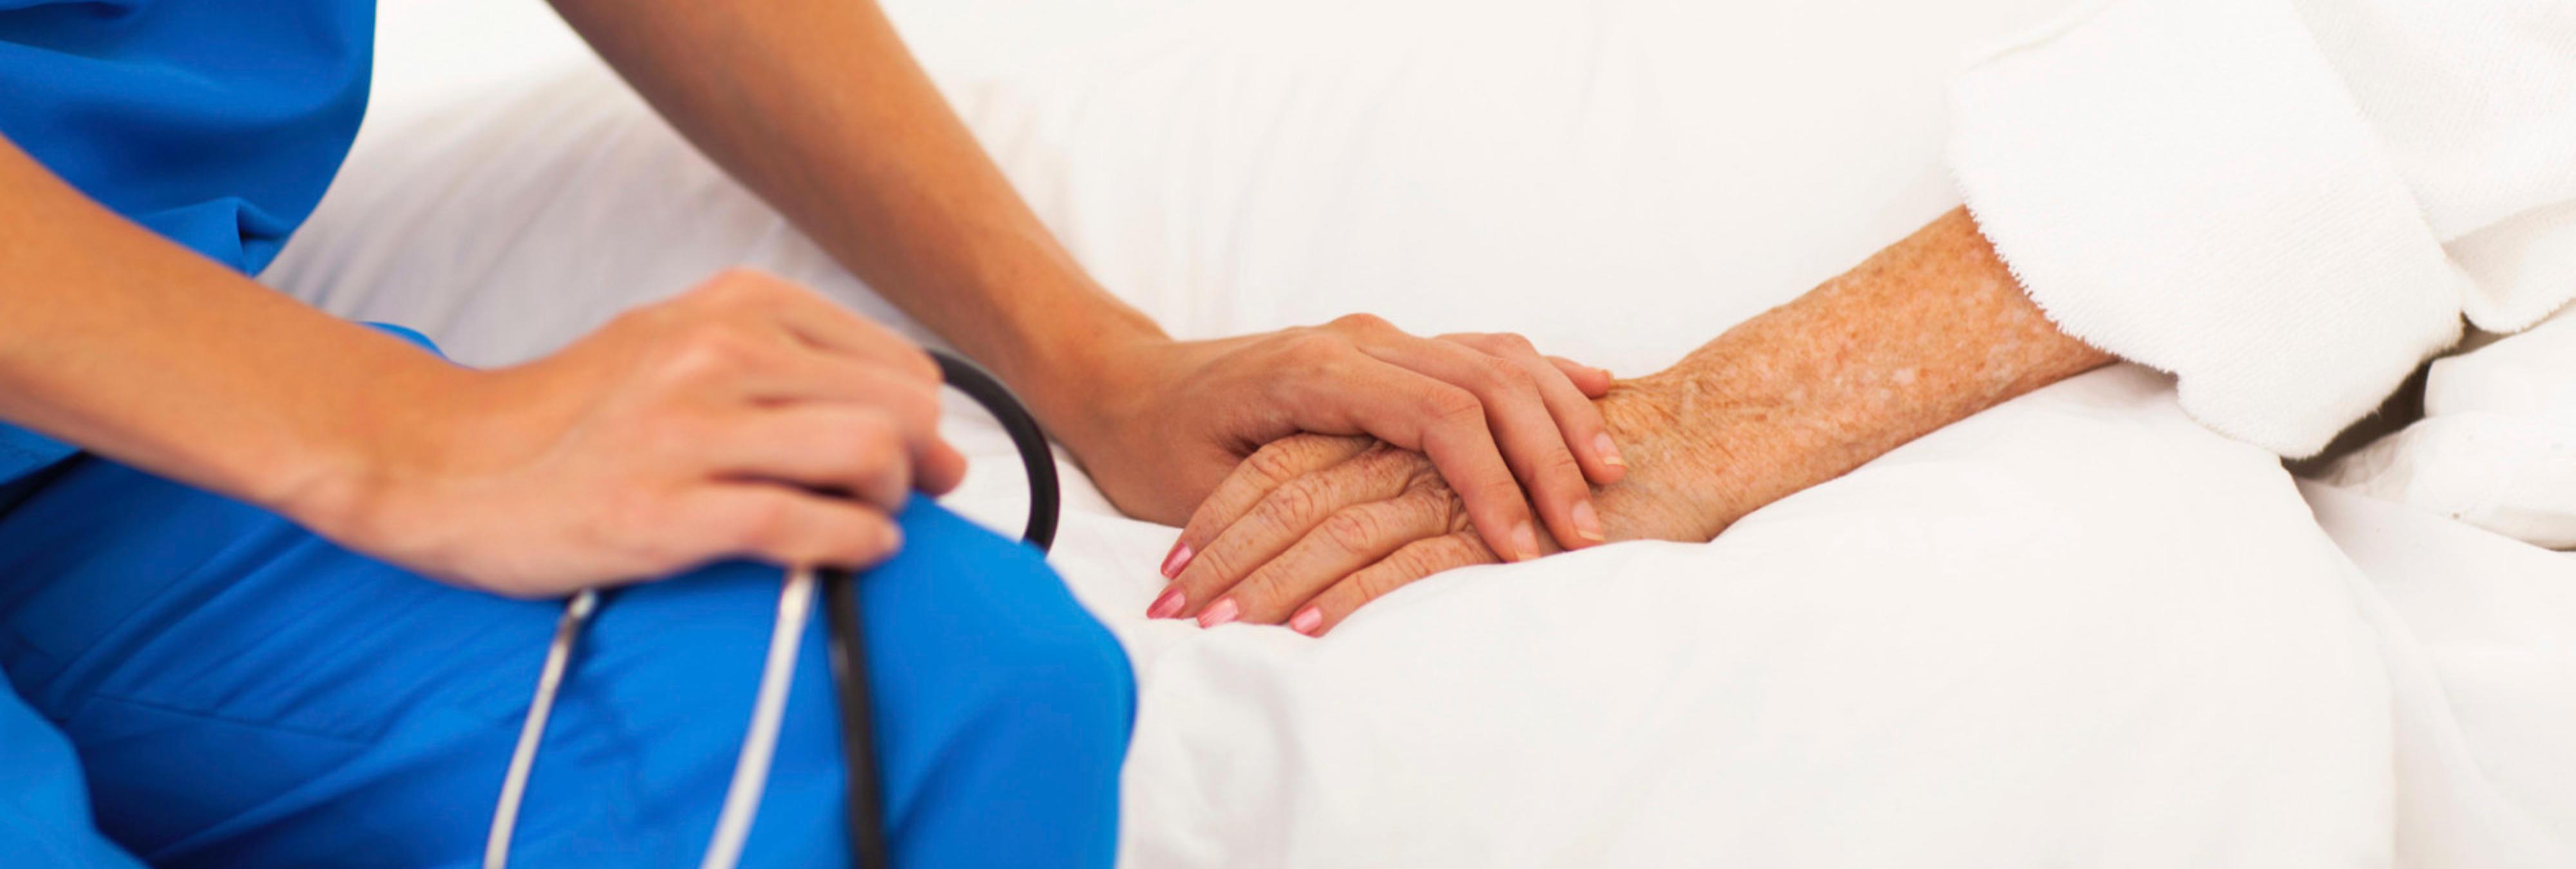 Holanda estudia ampliar el derecho de eutanasia a personas no enfermas pero sin ganas de vivir